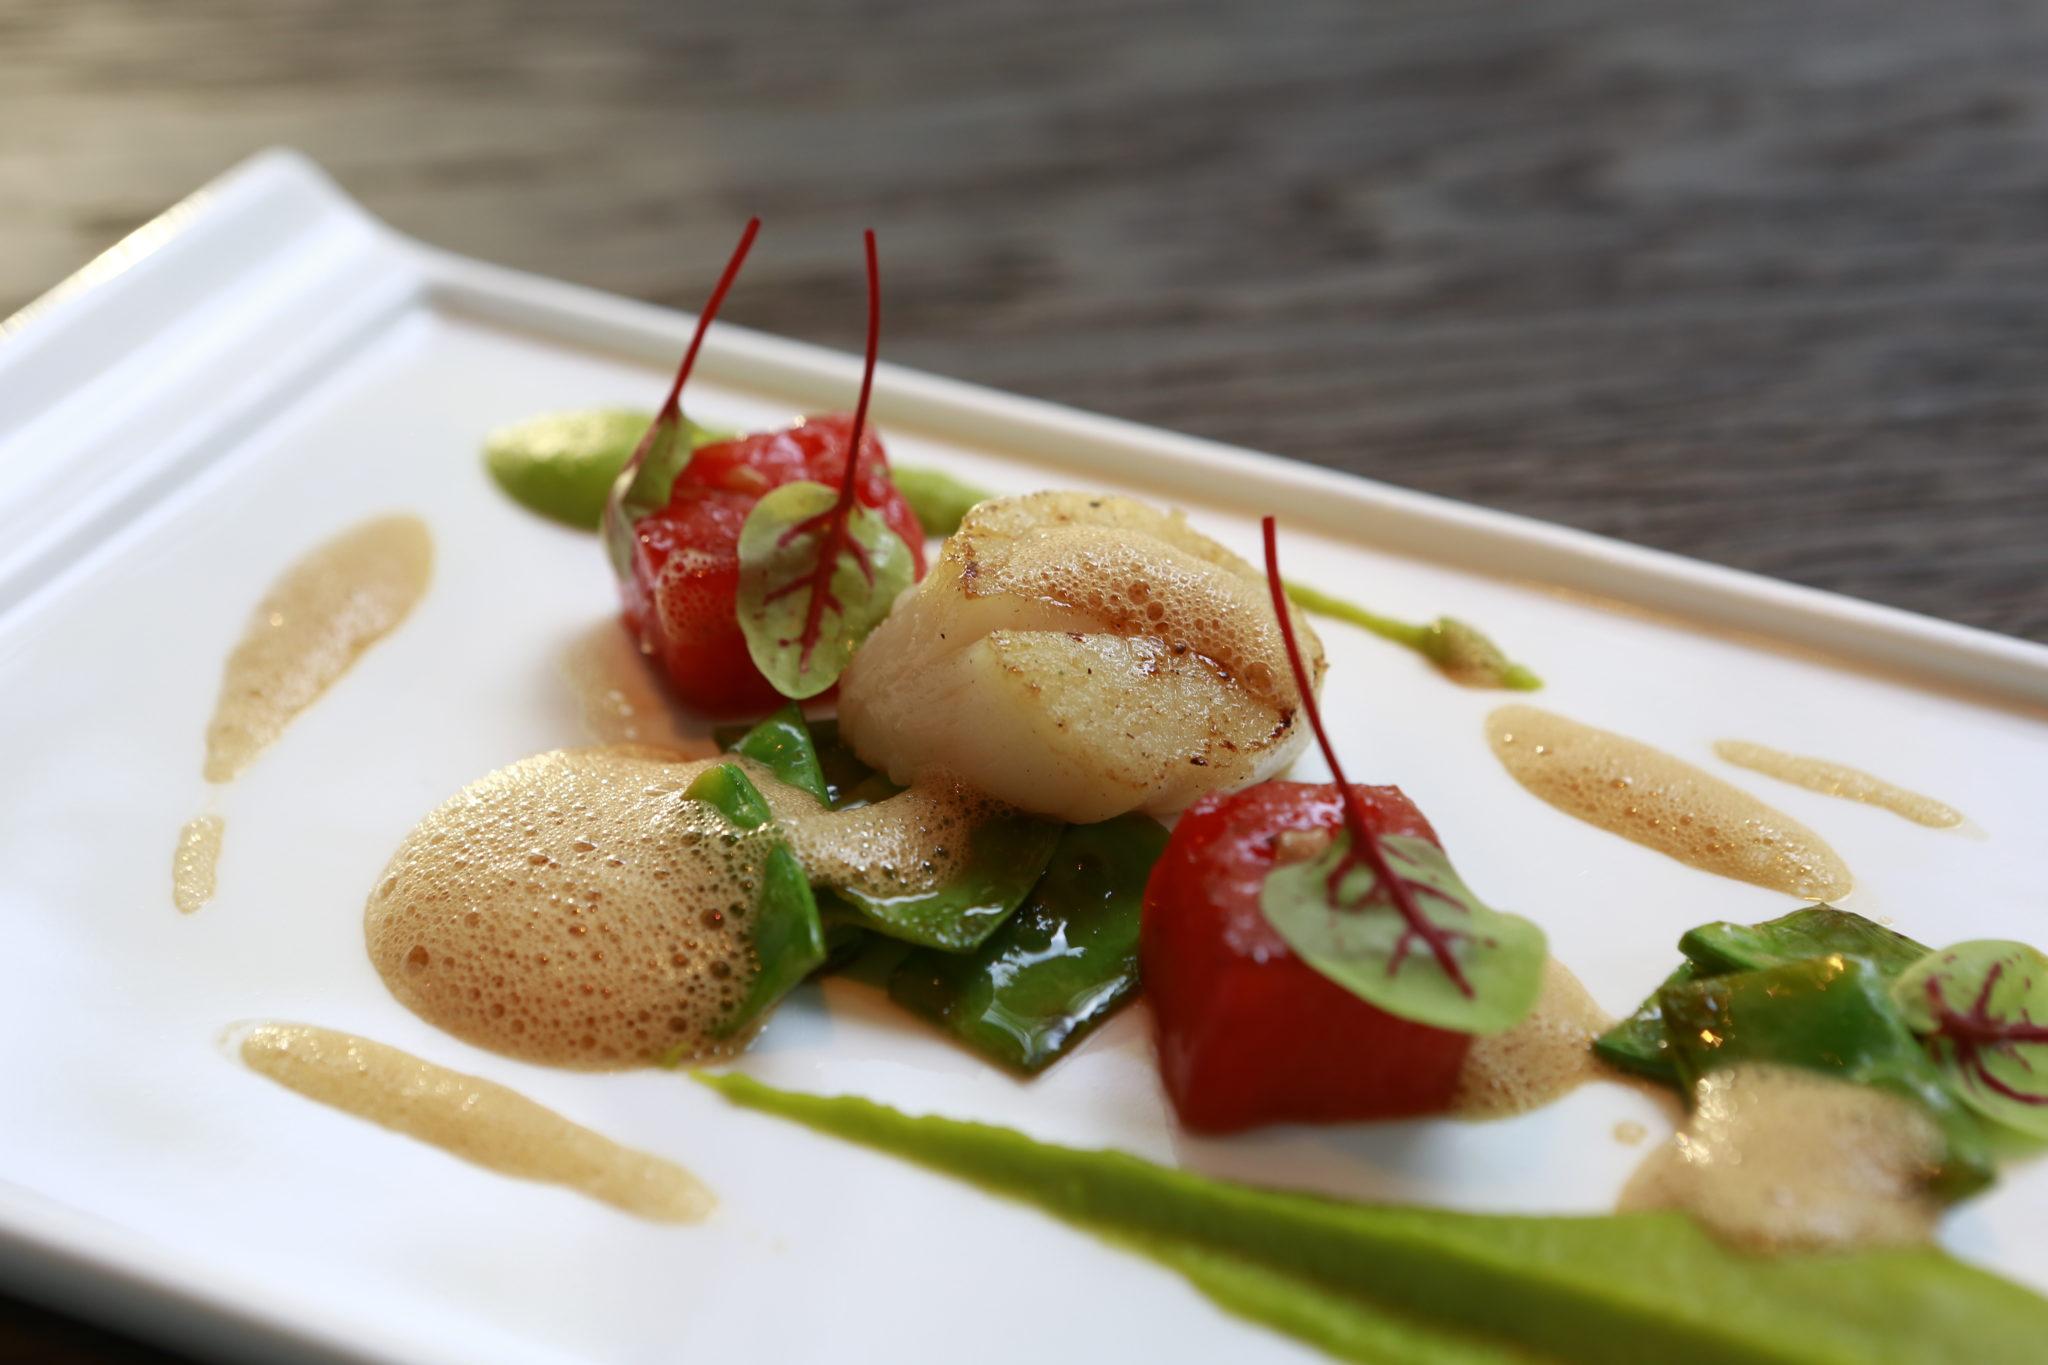 Geschmackskompass im Chateau9 Jakobsmuschel an Erbsenpüree und Wassermelone